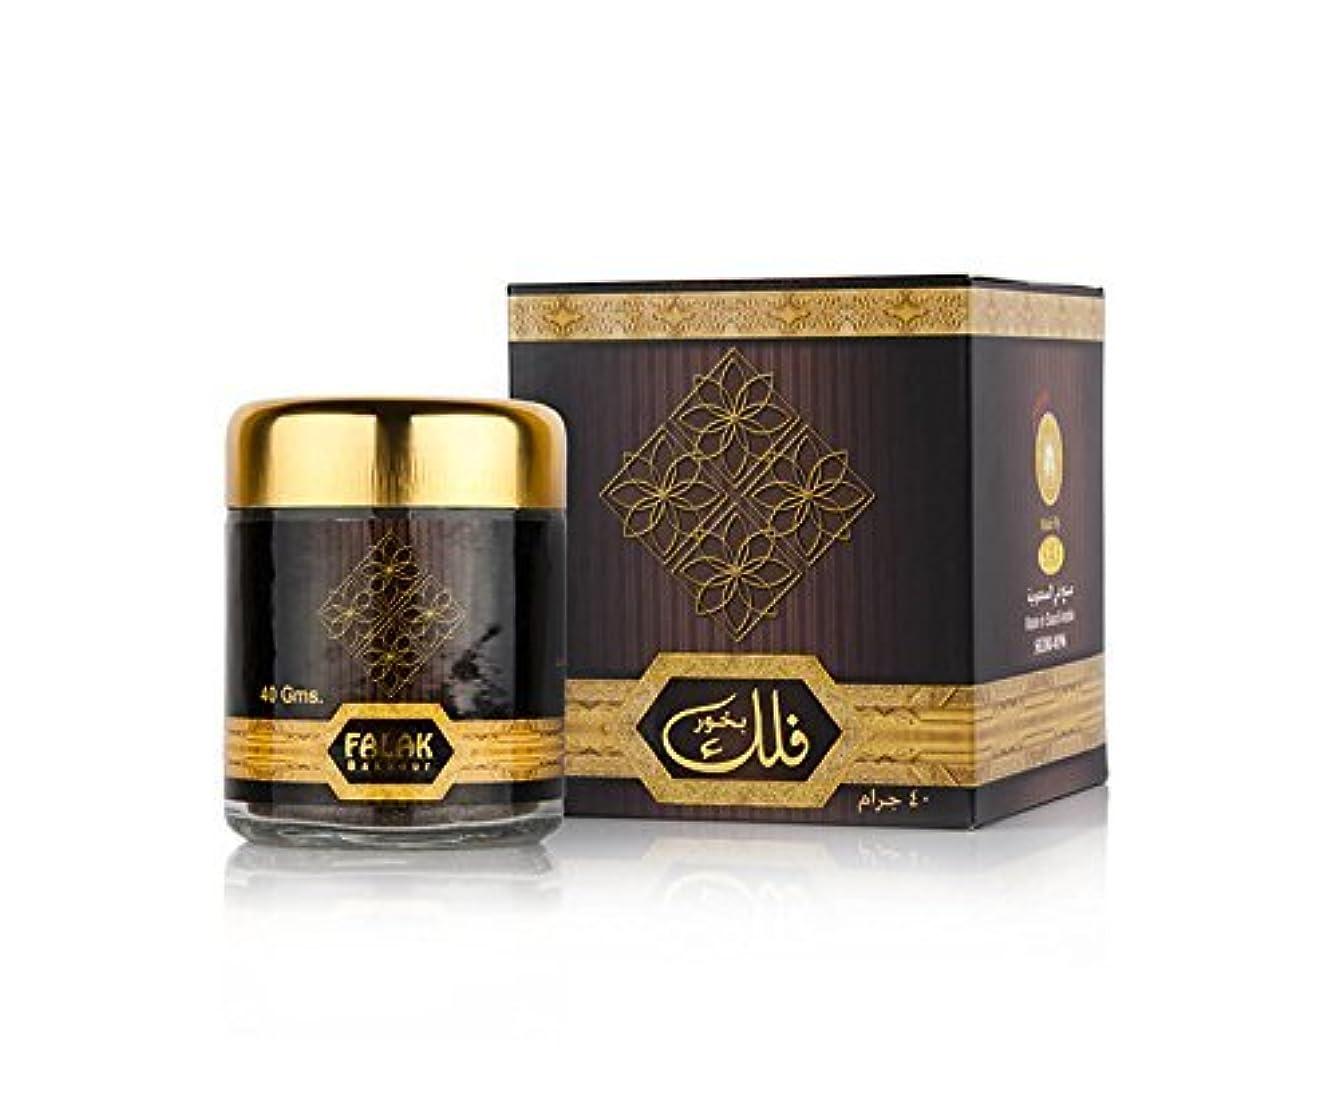 事前閉じ込める爪Falak Oudh Bakhour 40 g / Incense Bakhoor Home Fragrance sedr al Khaleej